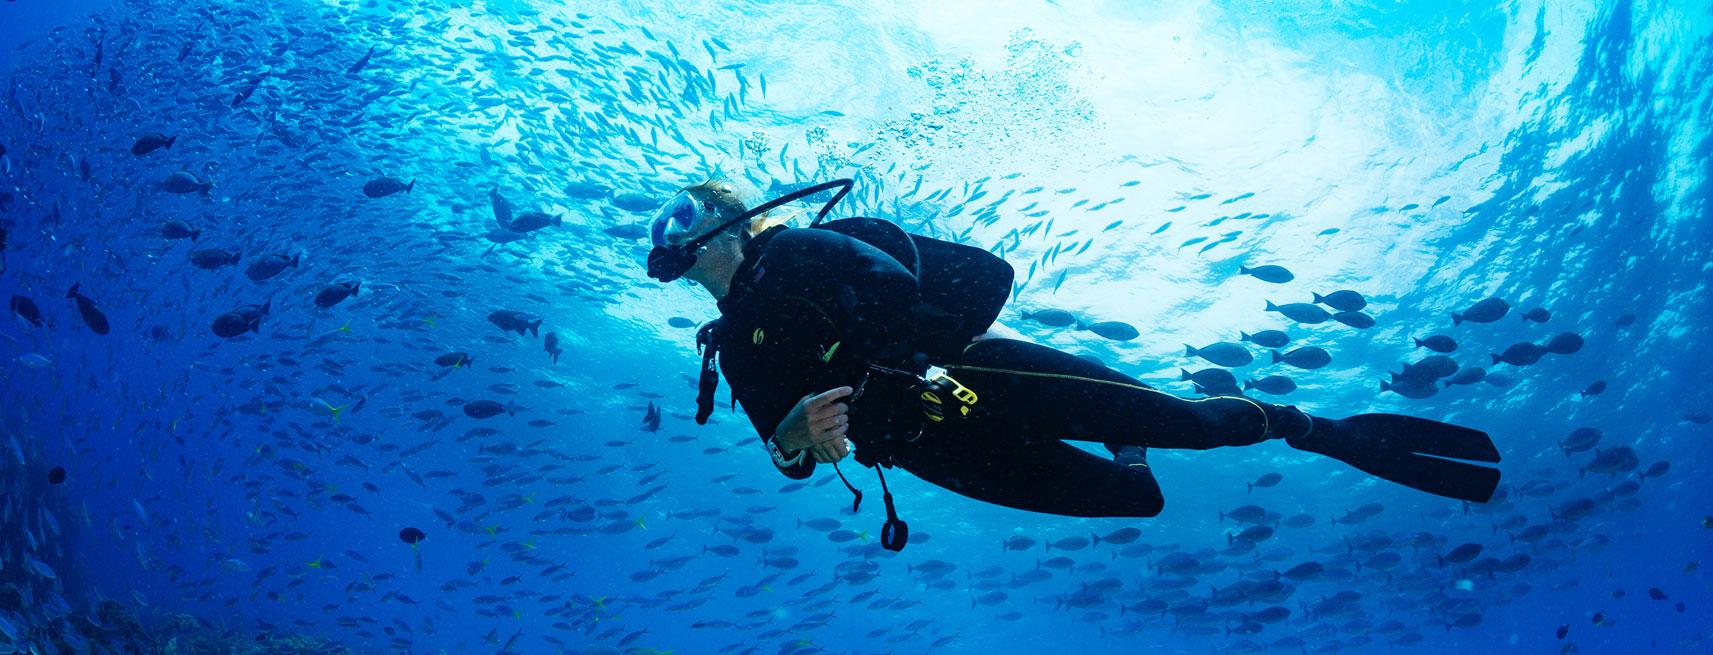 Pratiquer la plongée sous-marine en toute sécurité